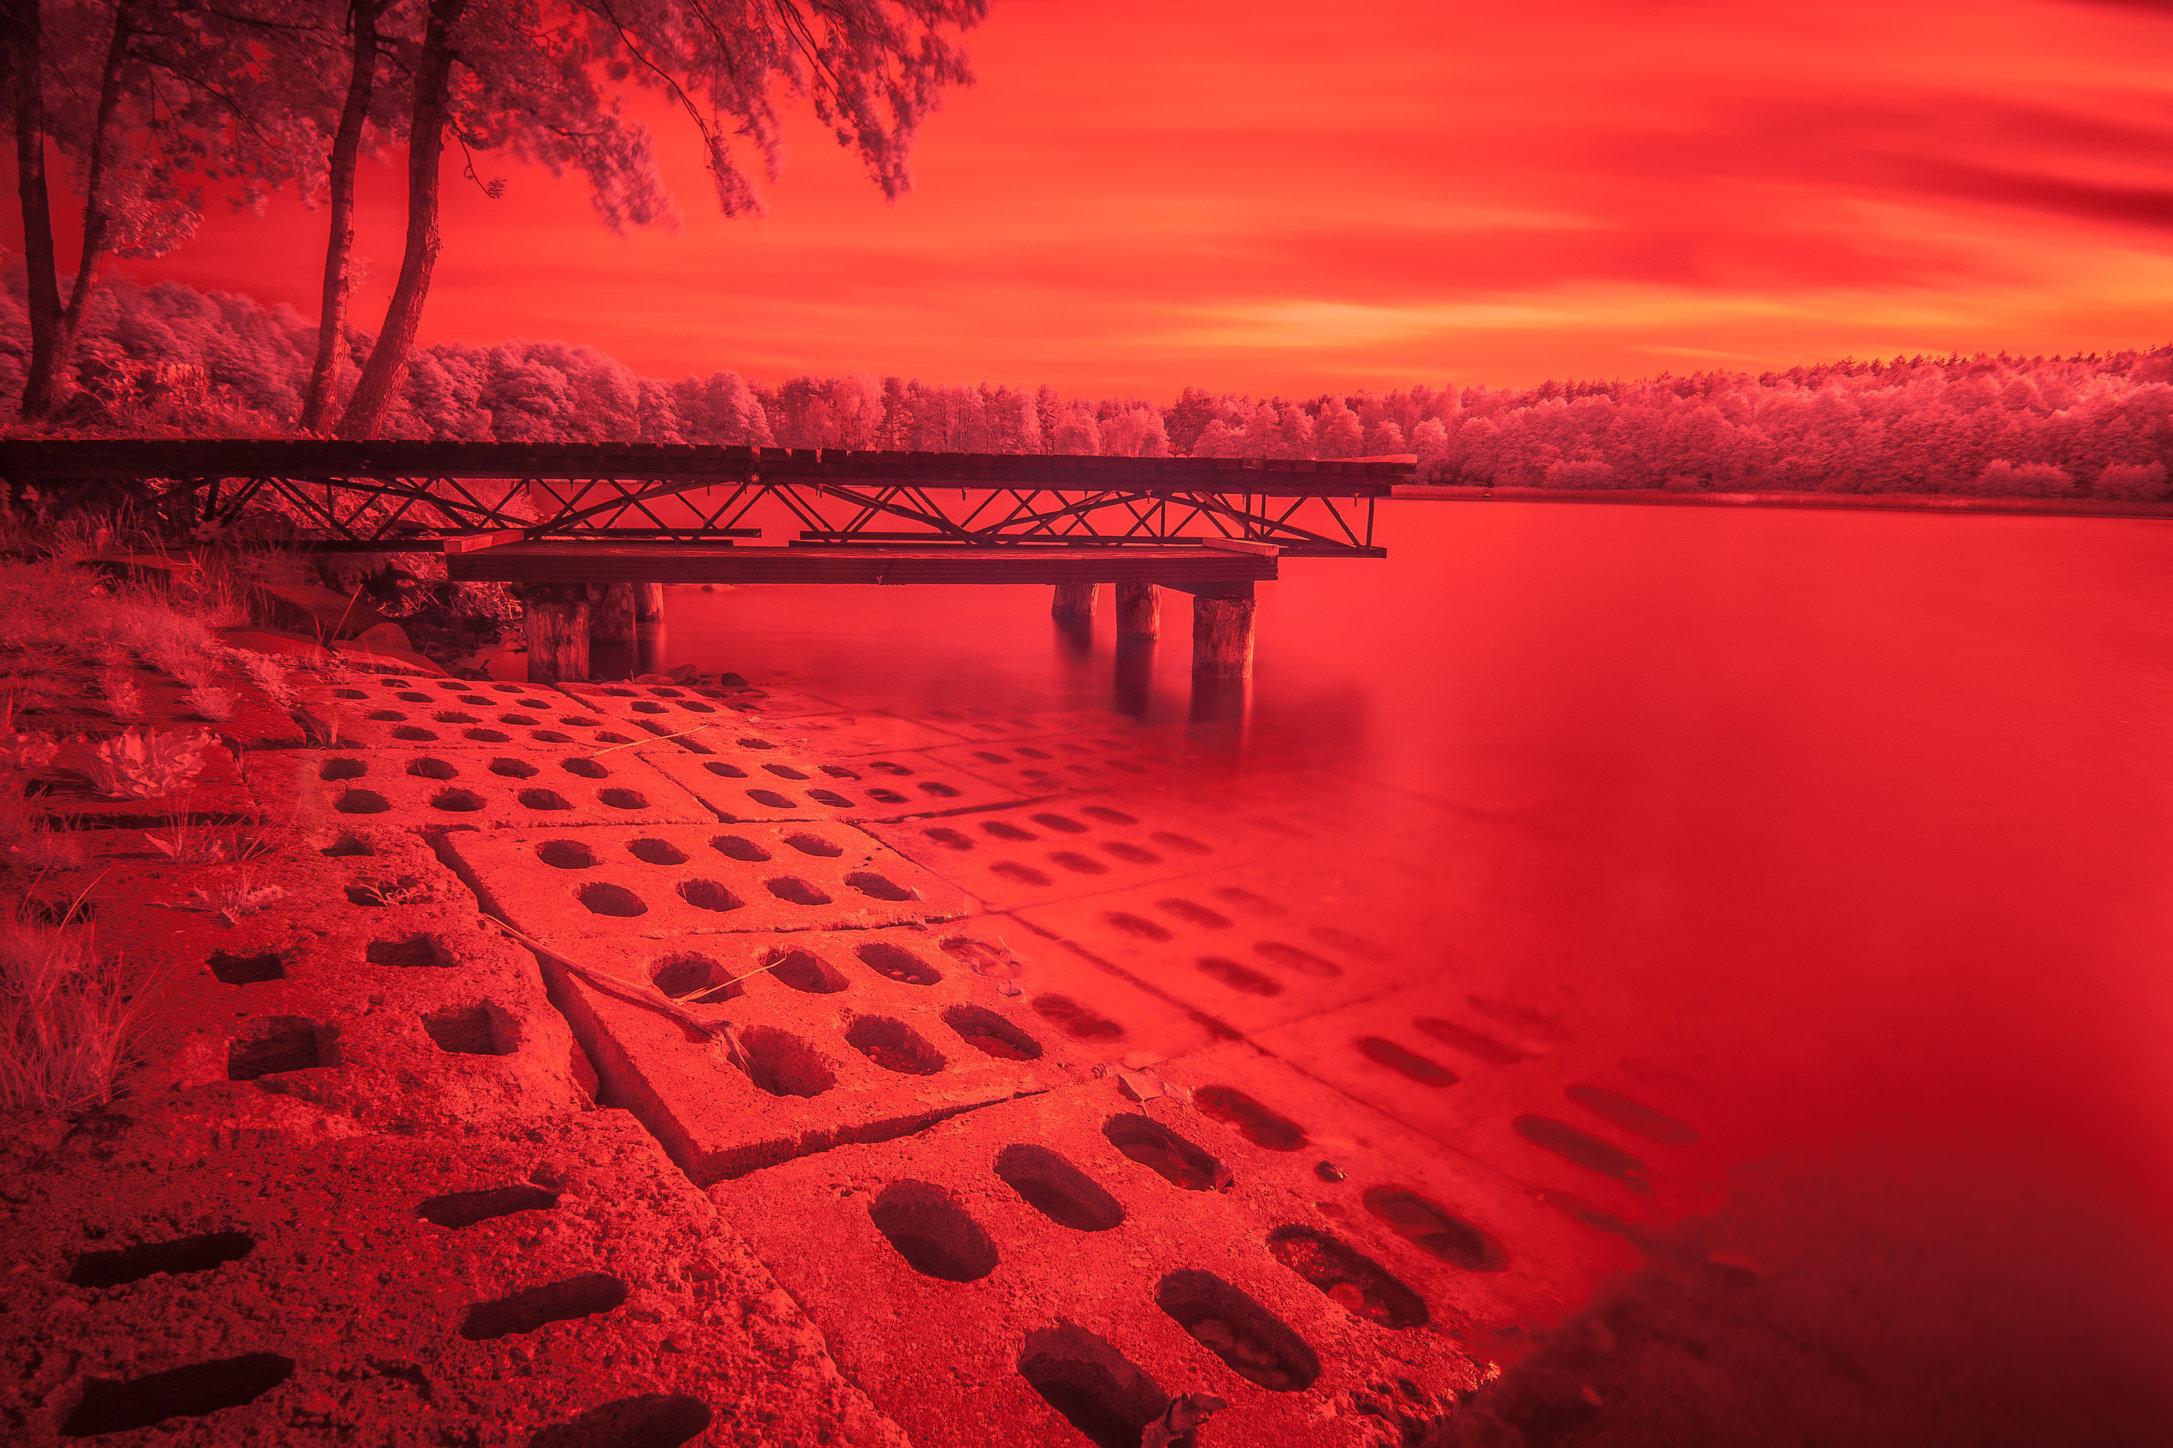 Red September